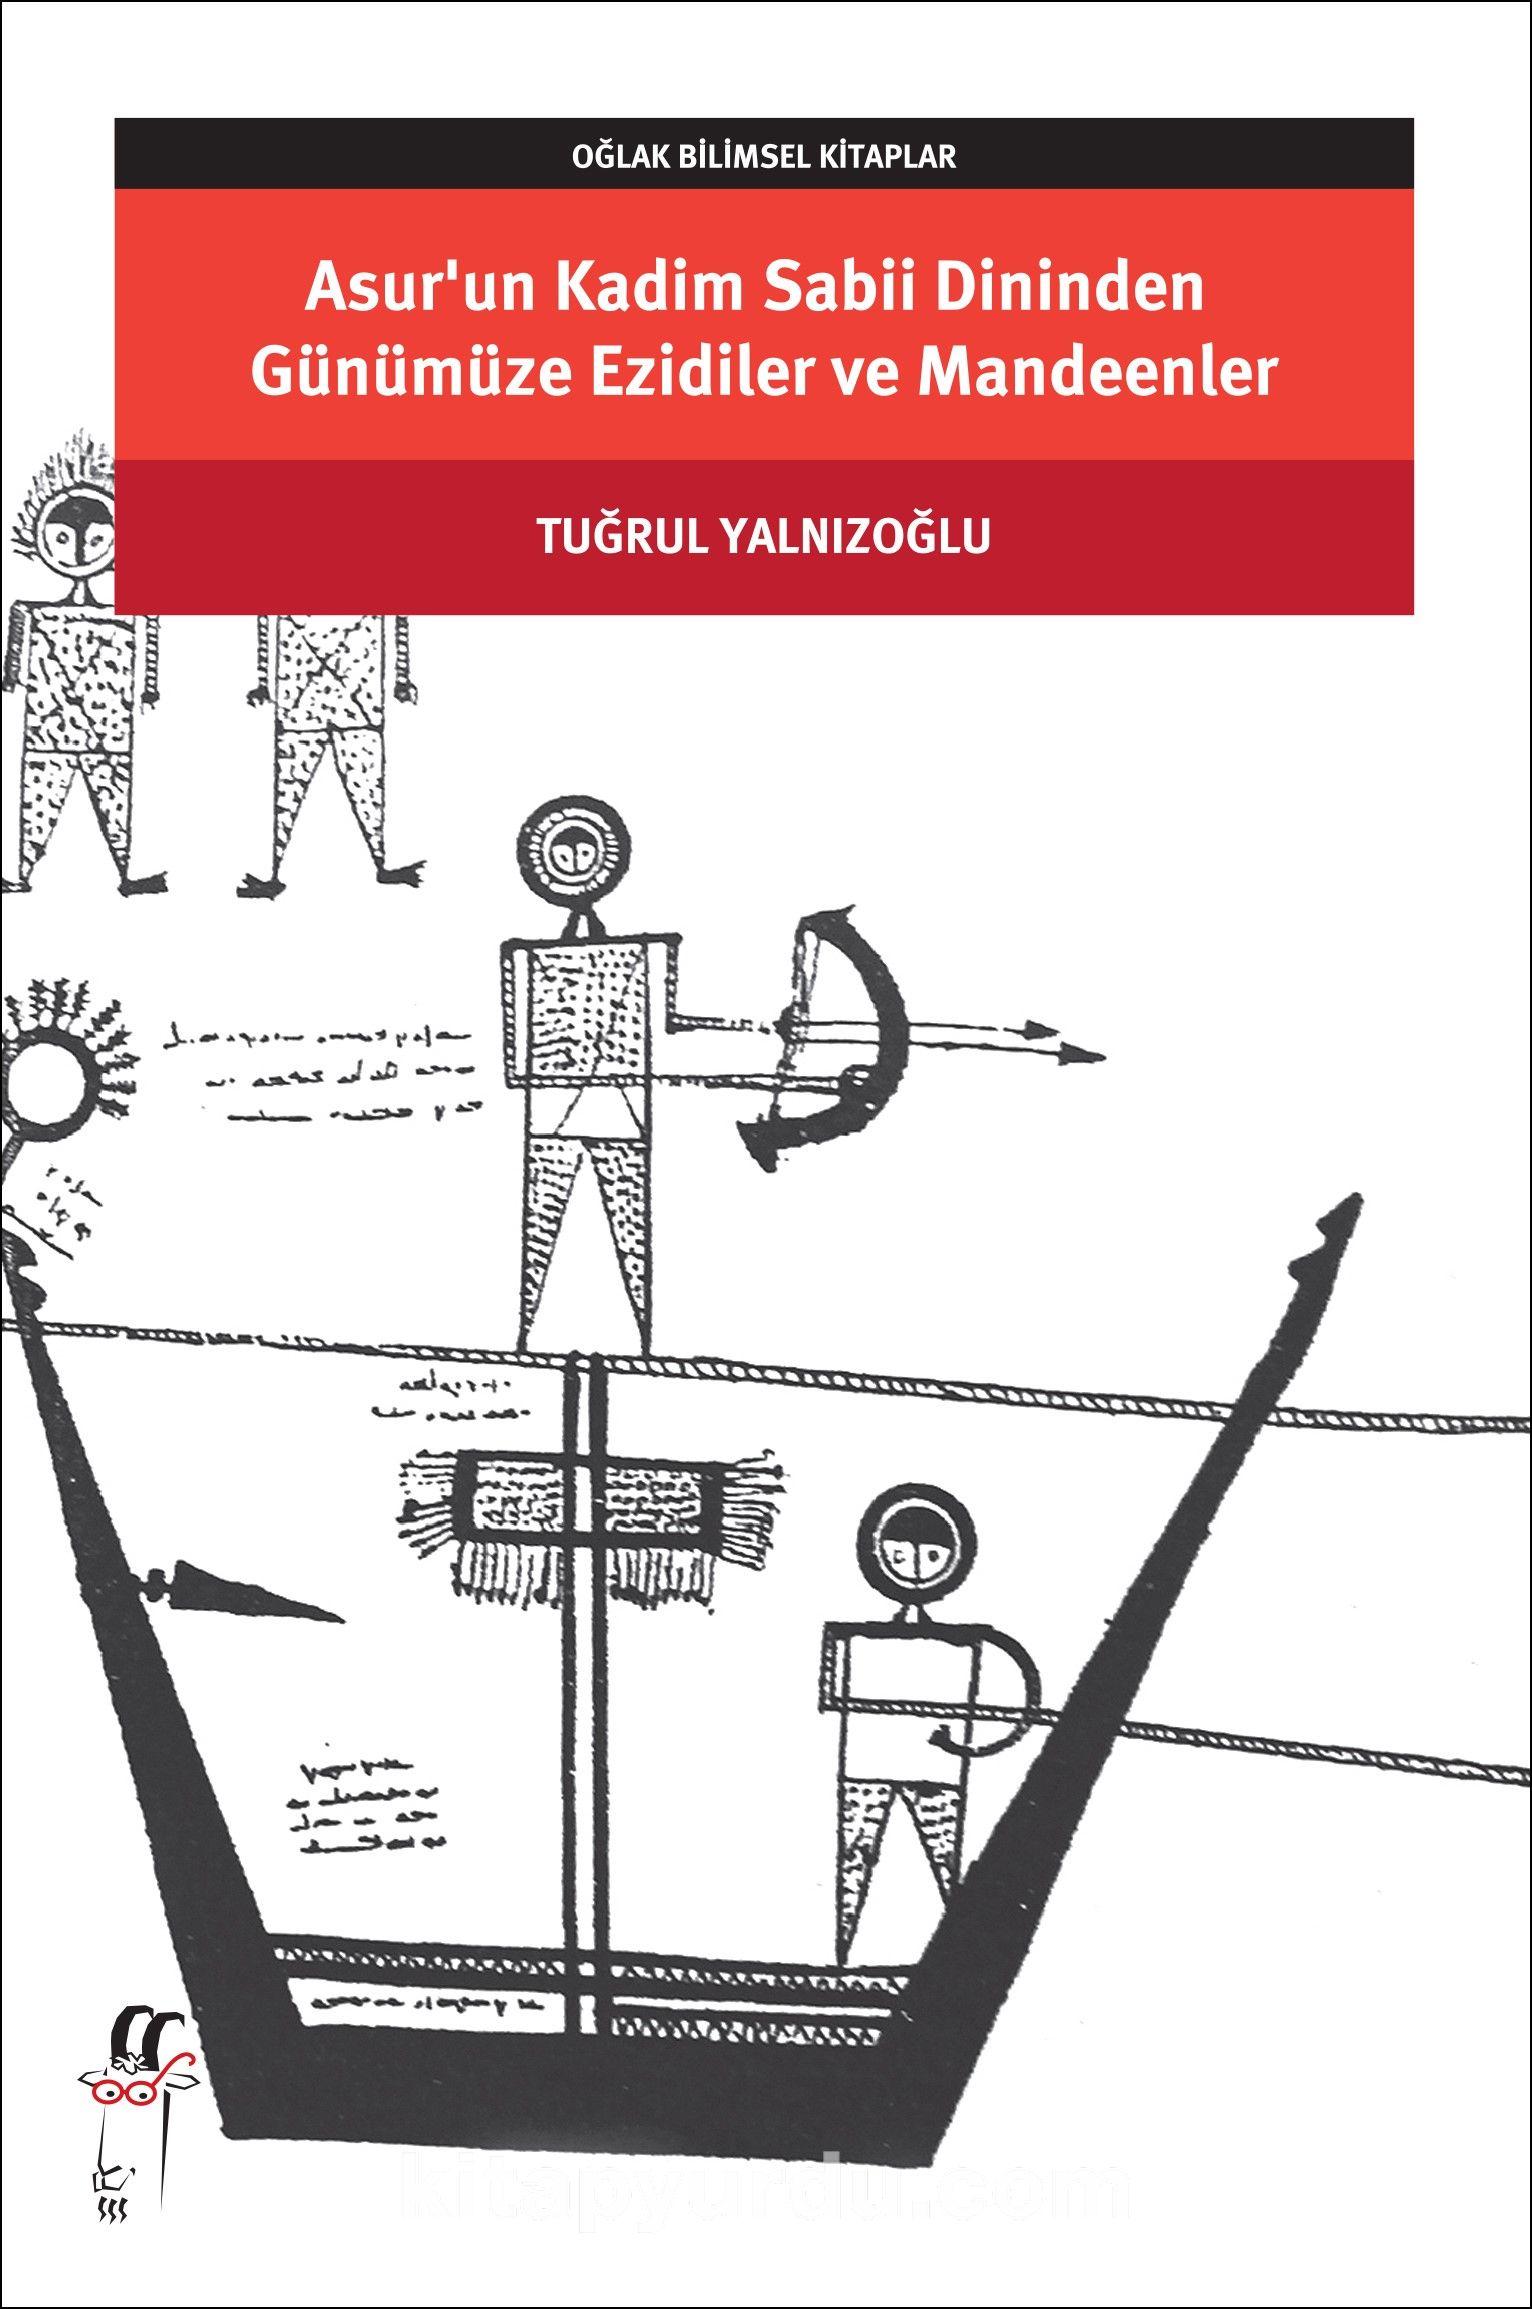 Asur'un Kadim Sabii Dininden Günümüze Ezidiler ve Mandeenler - Tuğrul Yalnızoğlu pdf epub